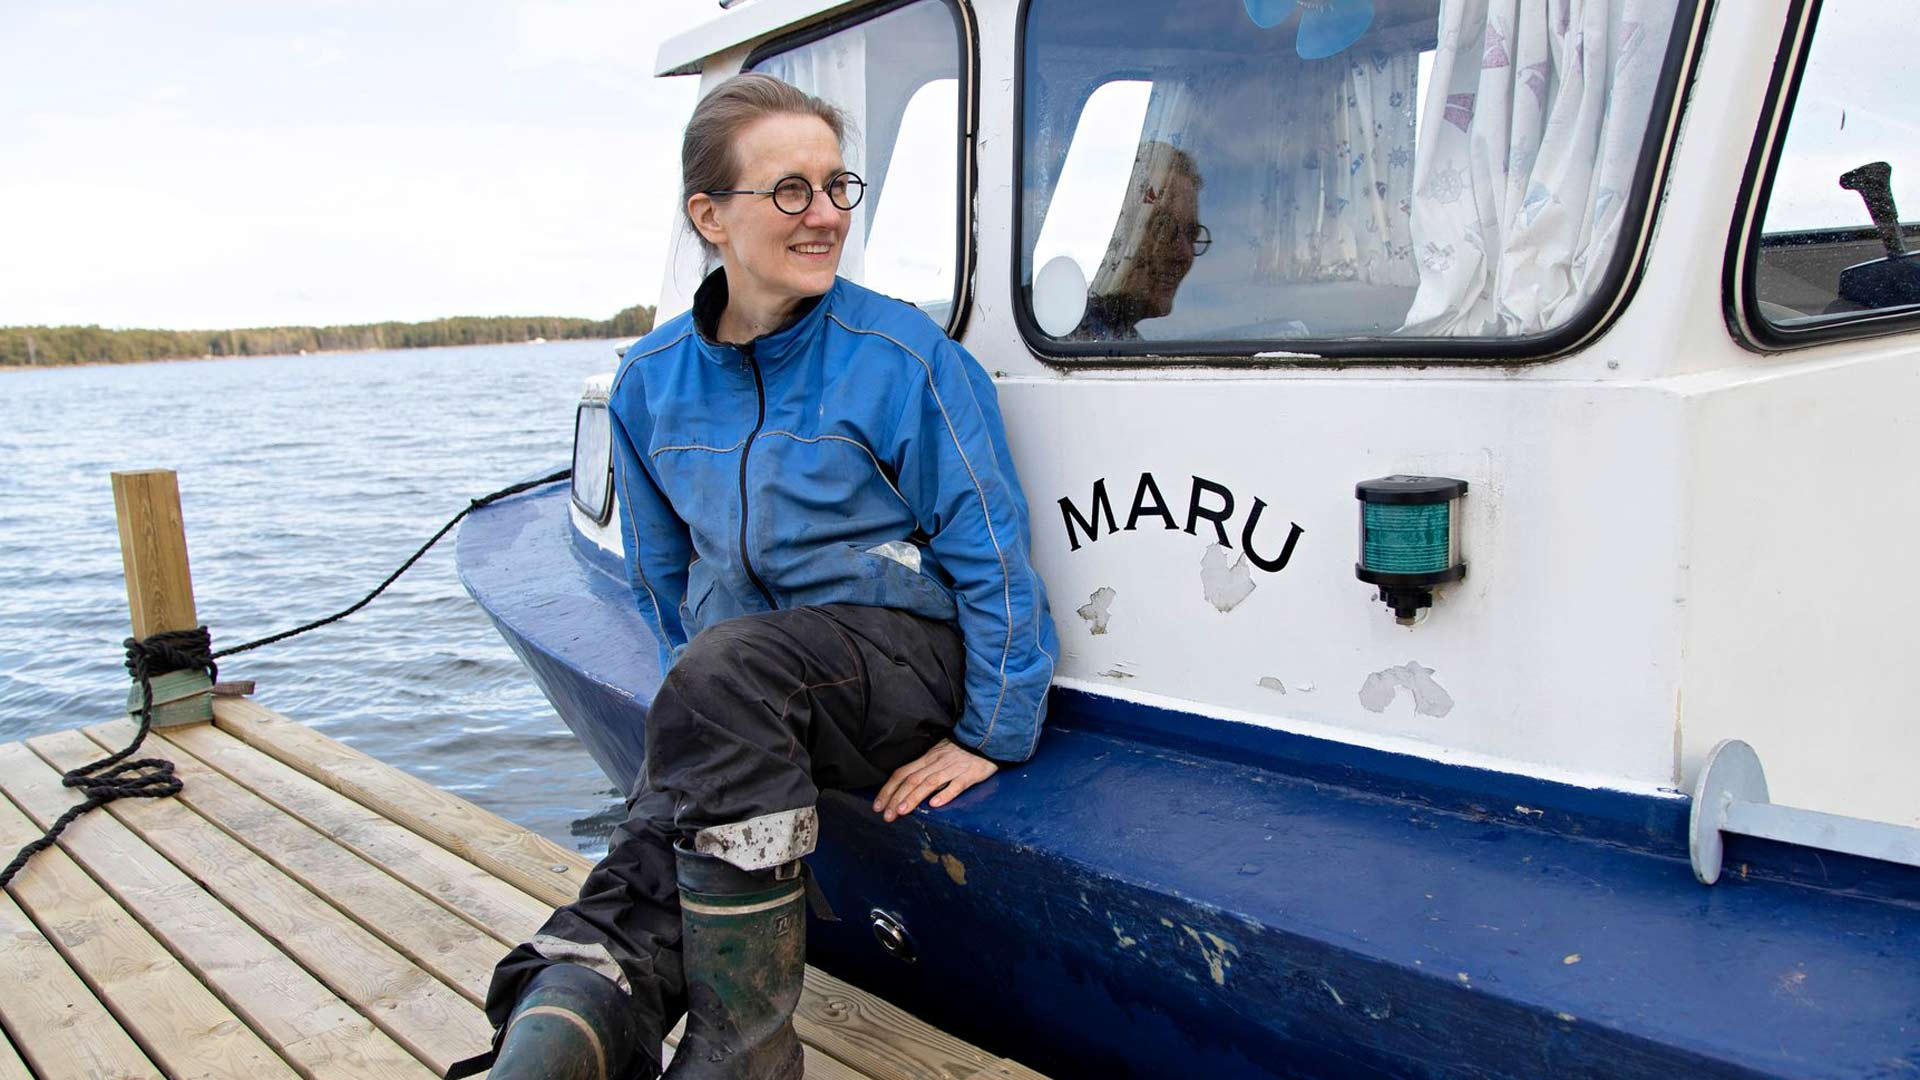 Kotkan Kuutsalon saaressa asuvalle Laura Hyvöselle oma Maru-vene on kulkuväline rauhaan ja vapauteen.